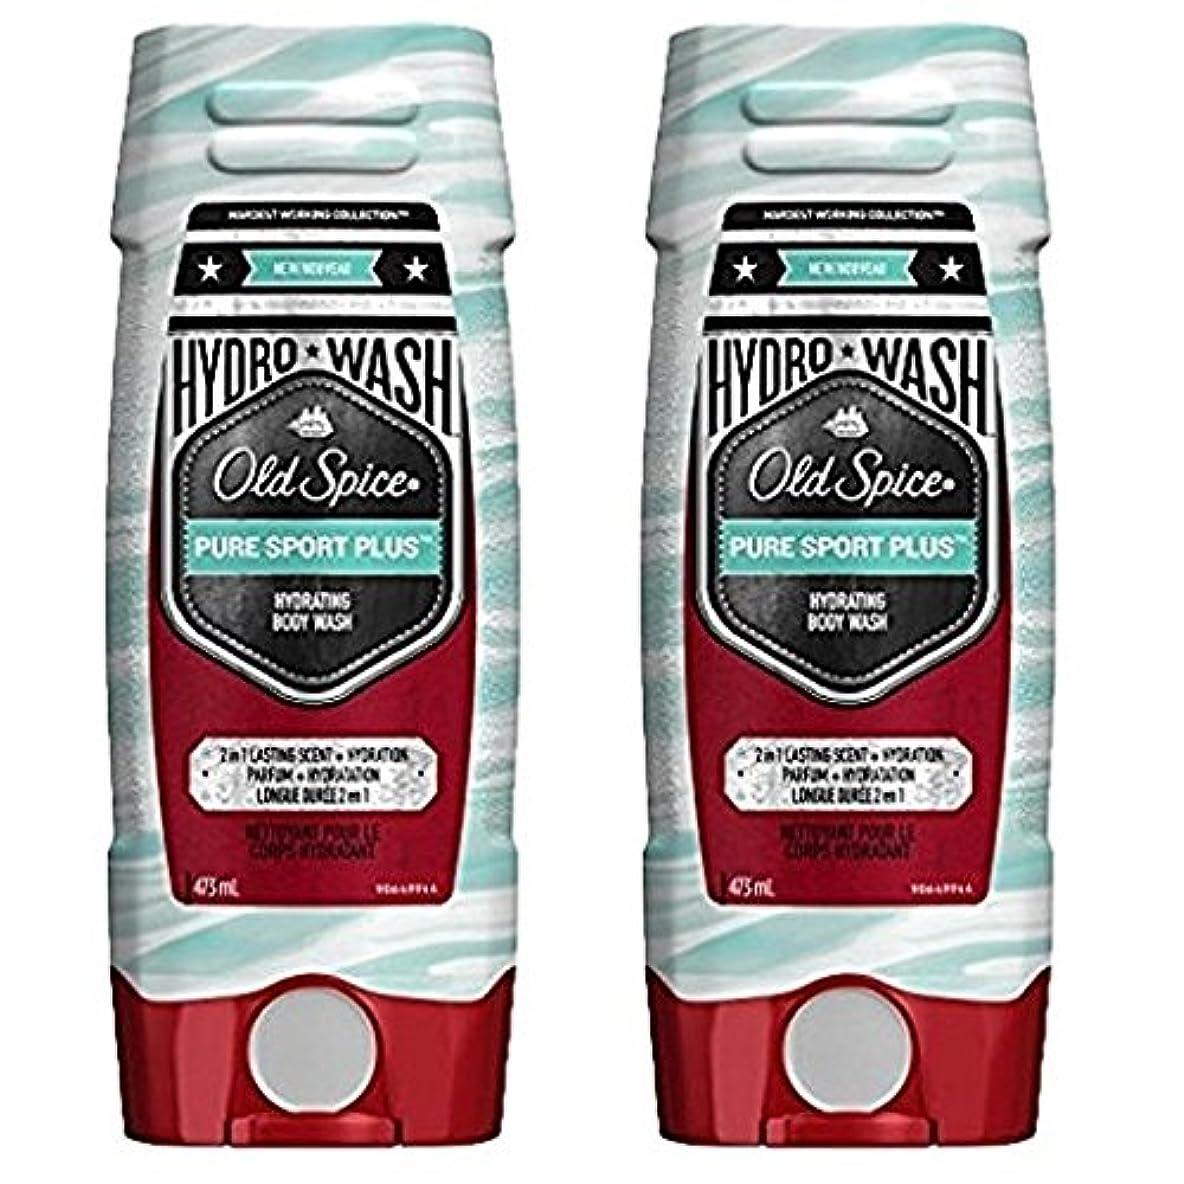 アリスビタミン霊海外直送品 Old Spice Hydro Wash Body Wash Hardest Working Collection Pure Sport Plus 16 Oz, 2 Pack ボディーソープ 2本